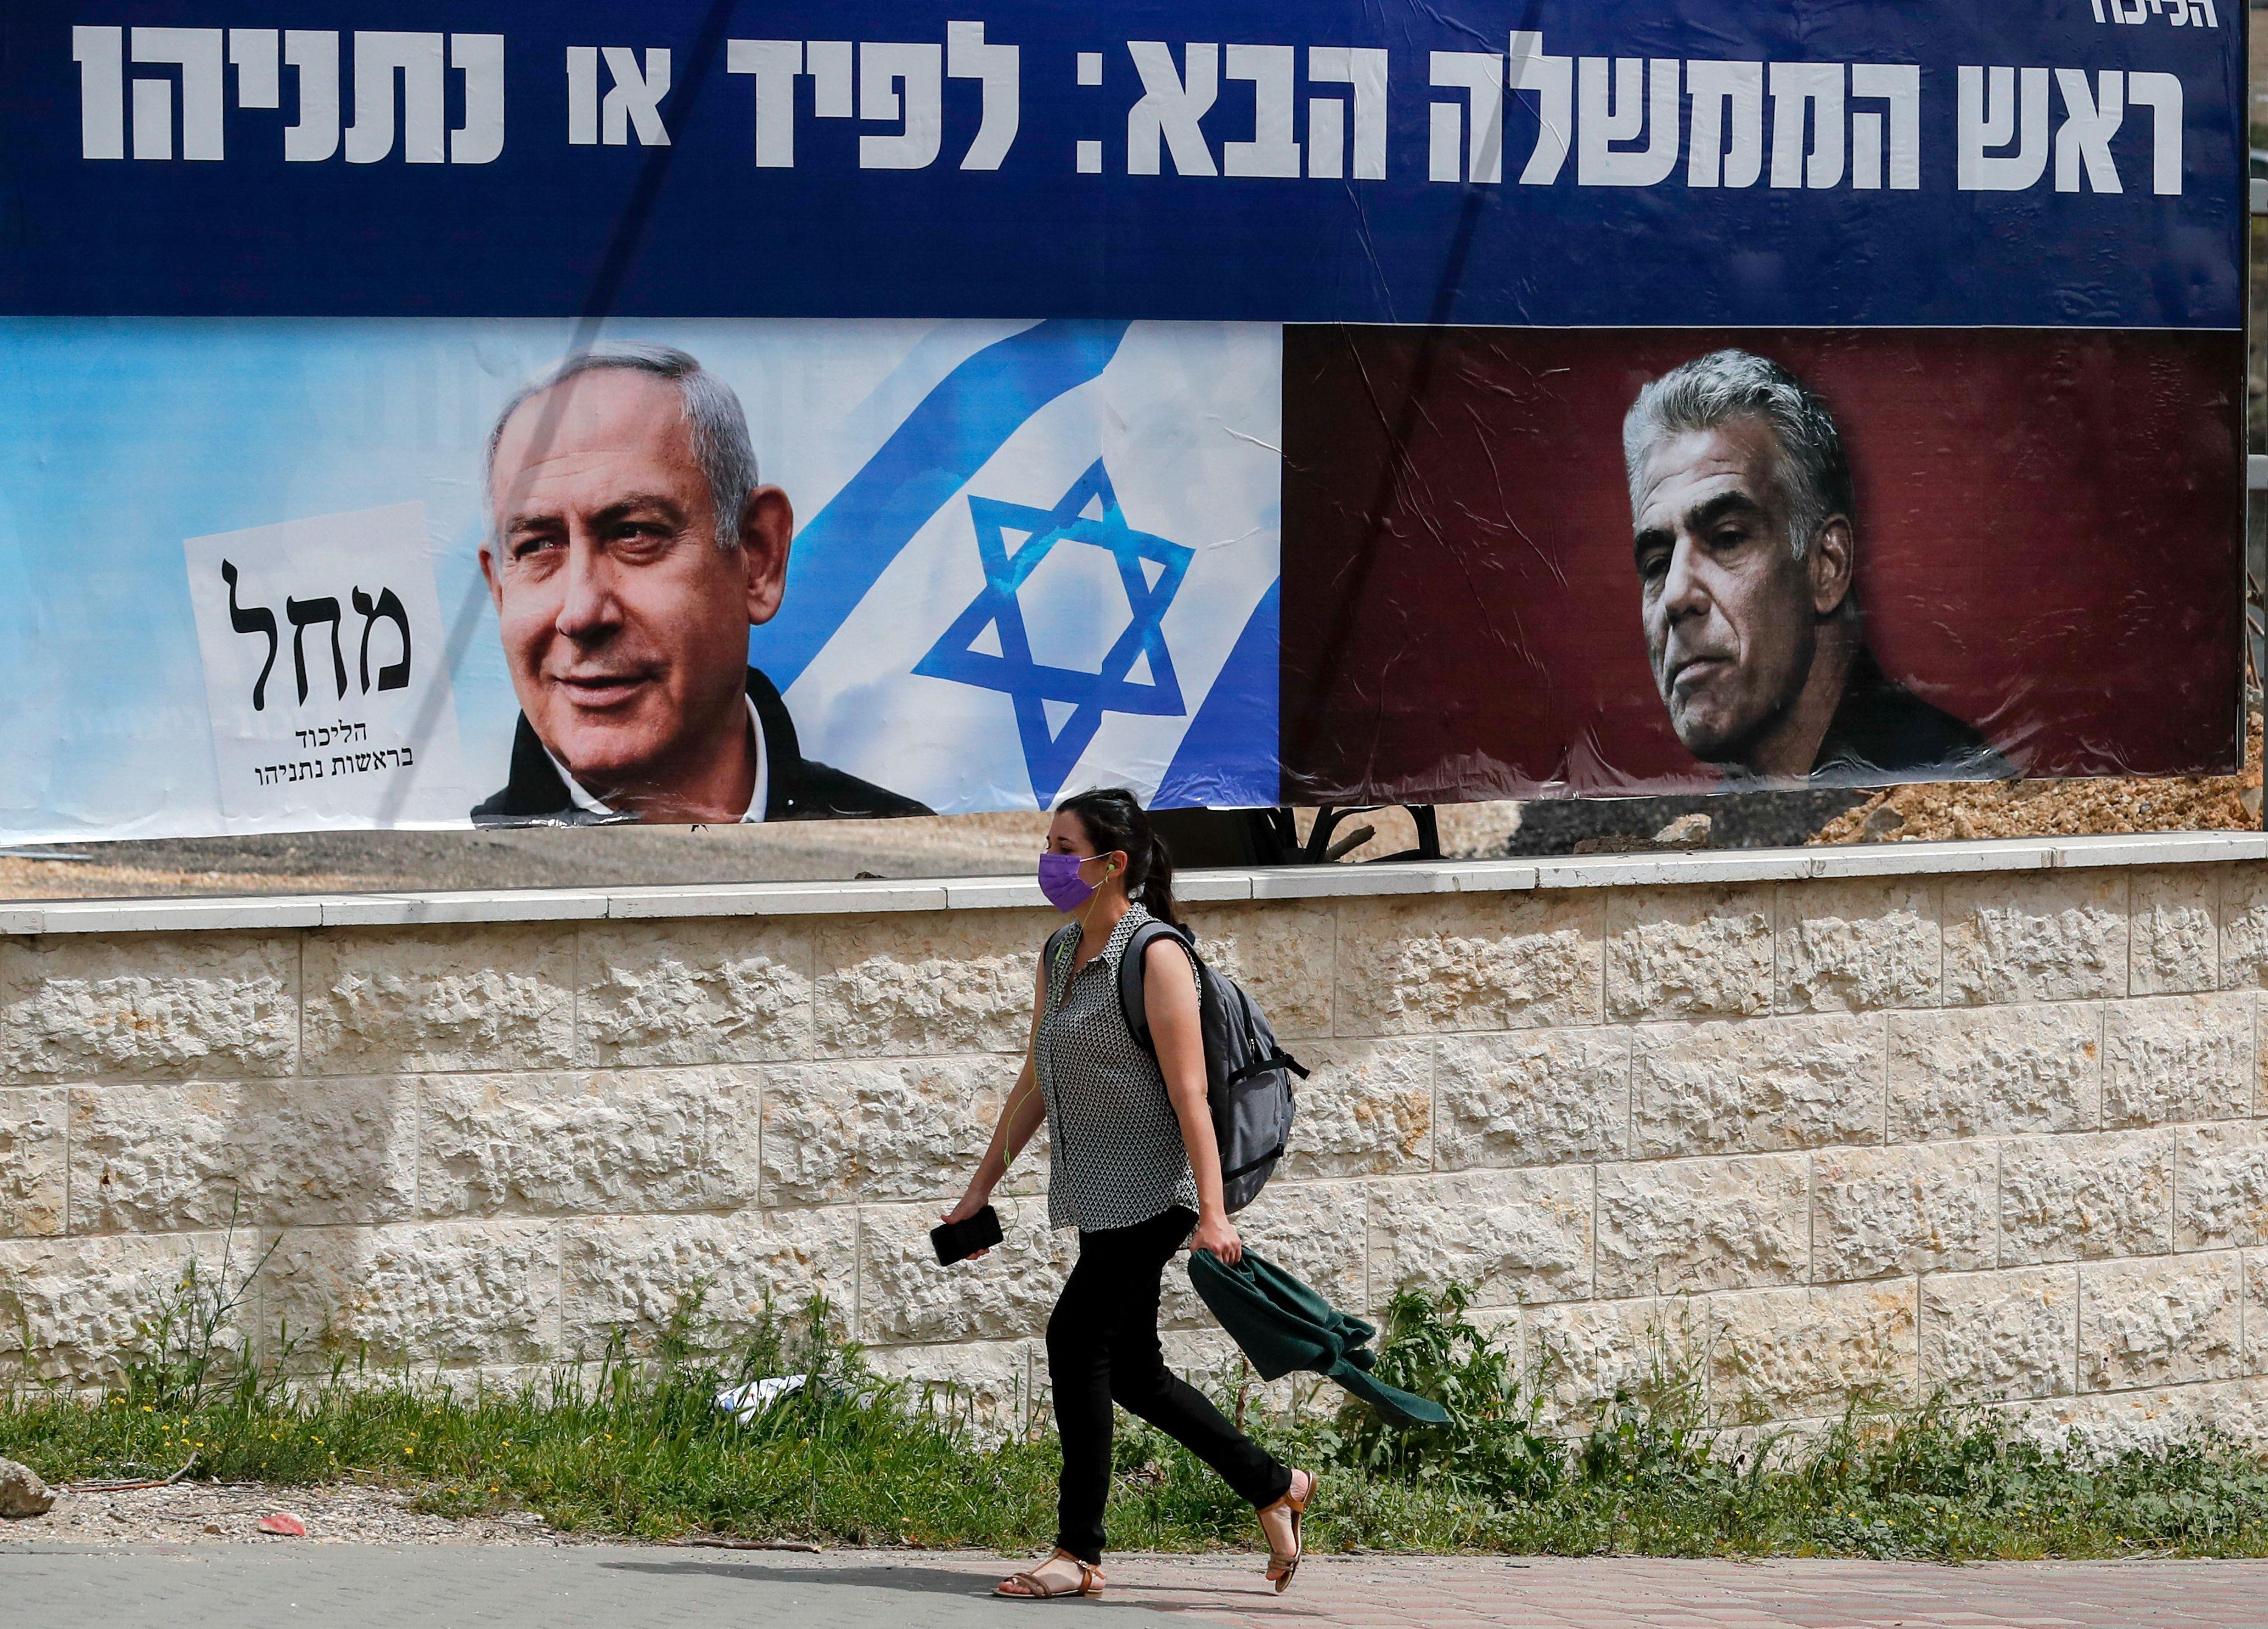 أسبوع حاسم في إسرائيل قد يكون الأخير لنتنياهو في السلطة